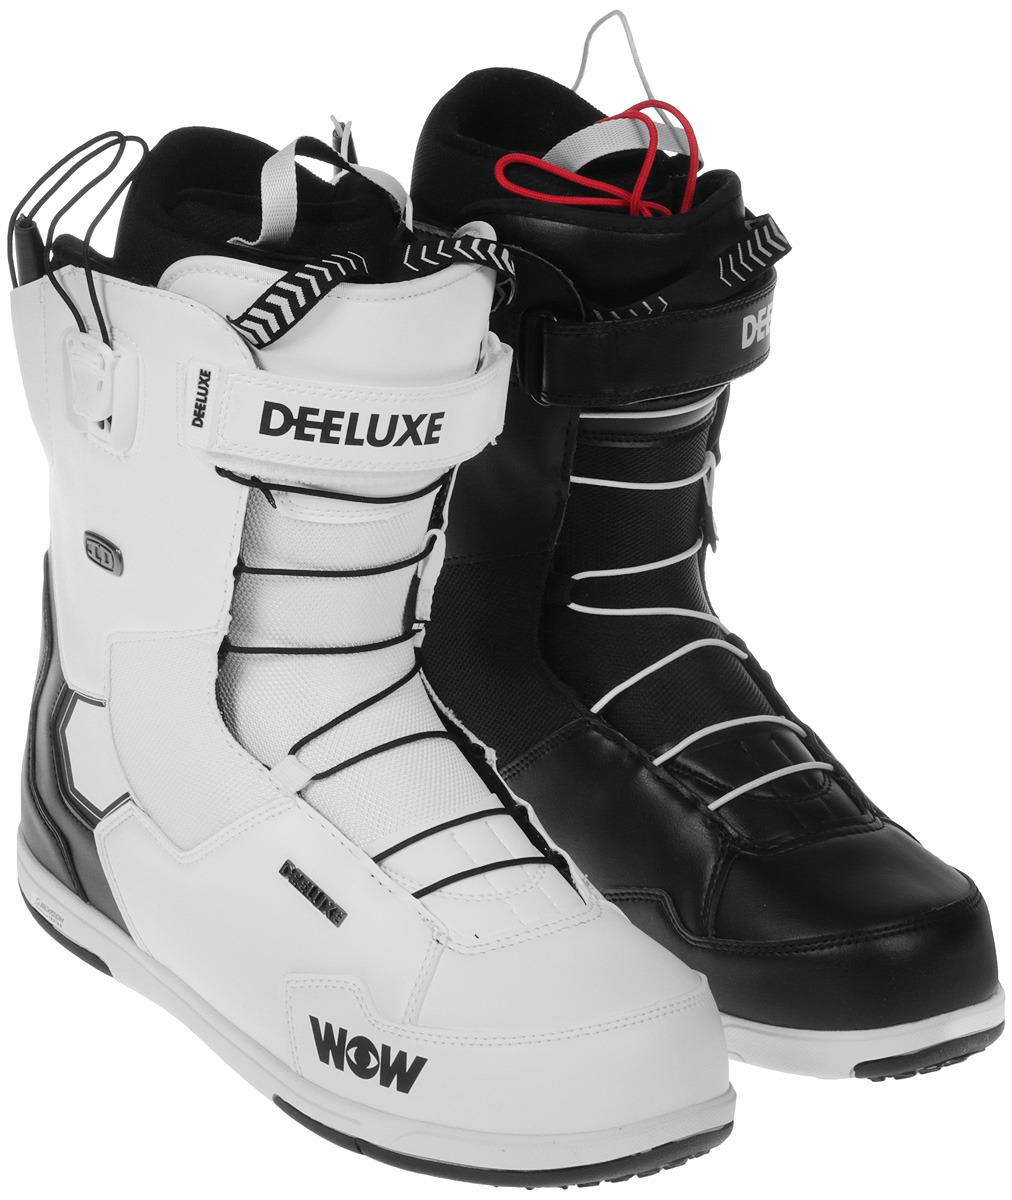 Ботинки для сноуборда Deeluxe